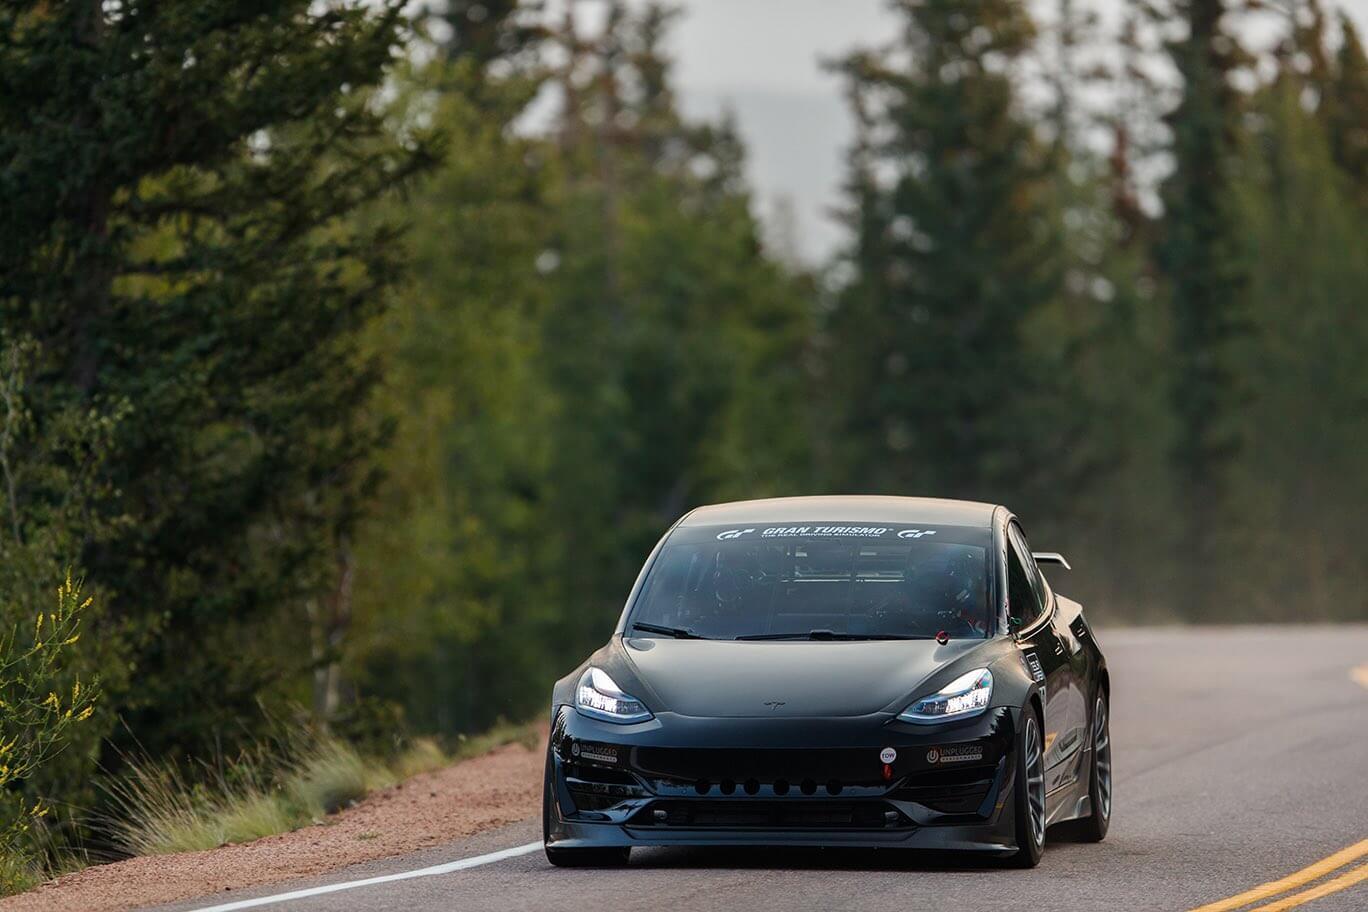 Tesla Model 3 Unplugged Performance разбилась в пятницу, восстановлена в субботу и заняла второе место подъема на Пайкс-Пик в воскресенье в выставочном классе